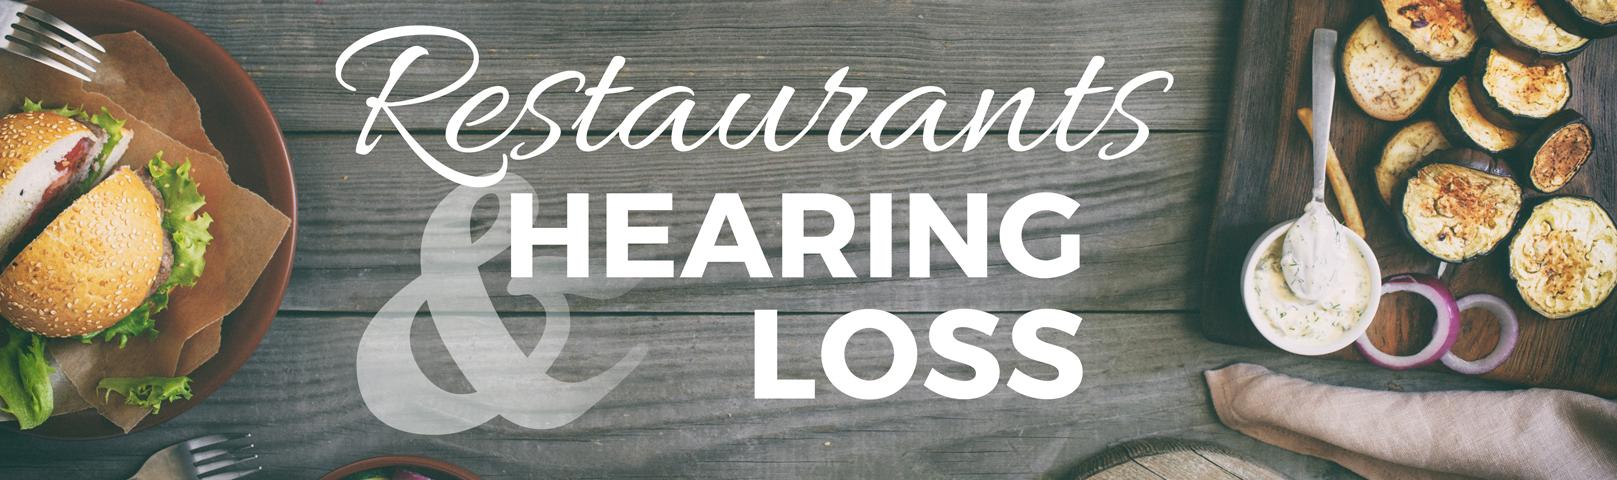 Restaurants & Hearing Loss